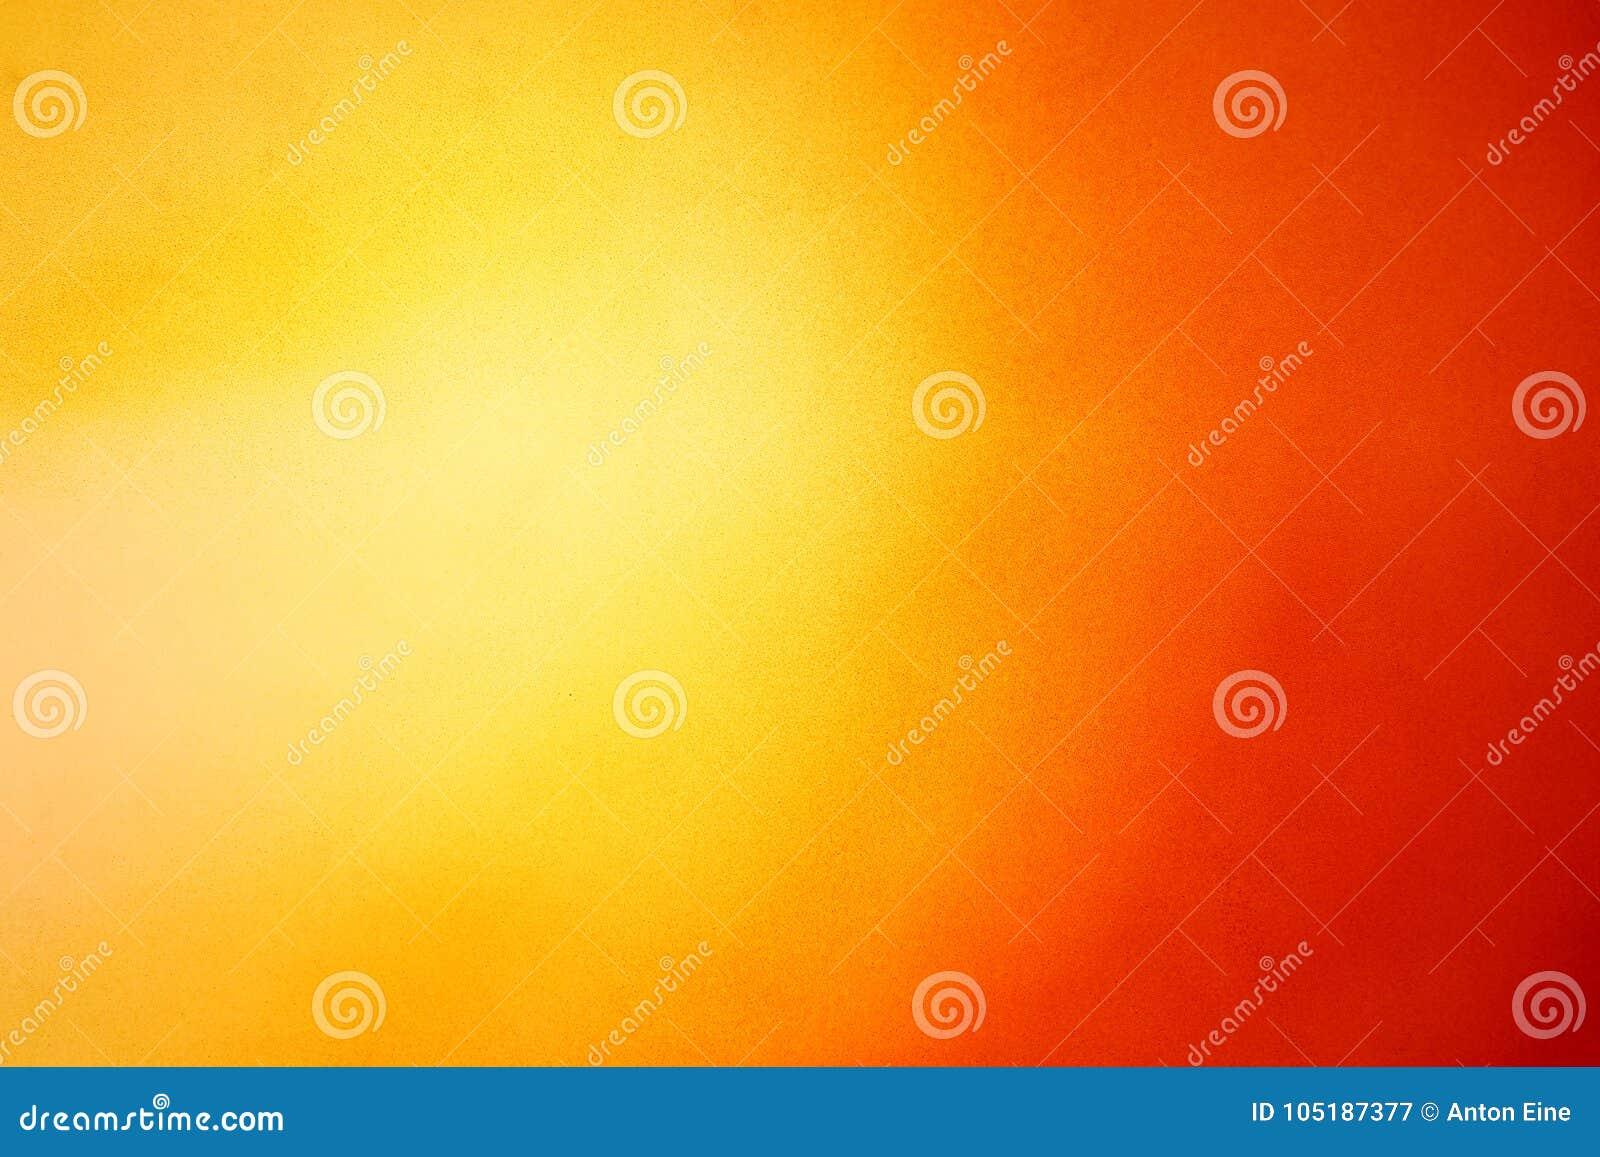 Fondo Fondos Abstractos Rojo Y Amarillo